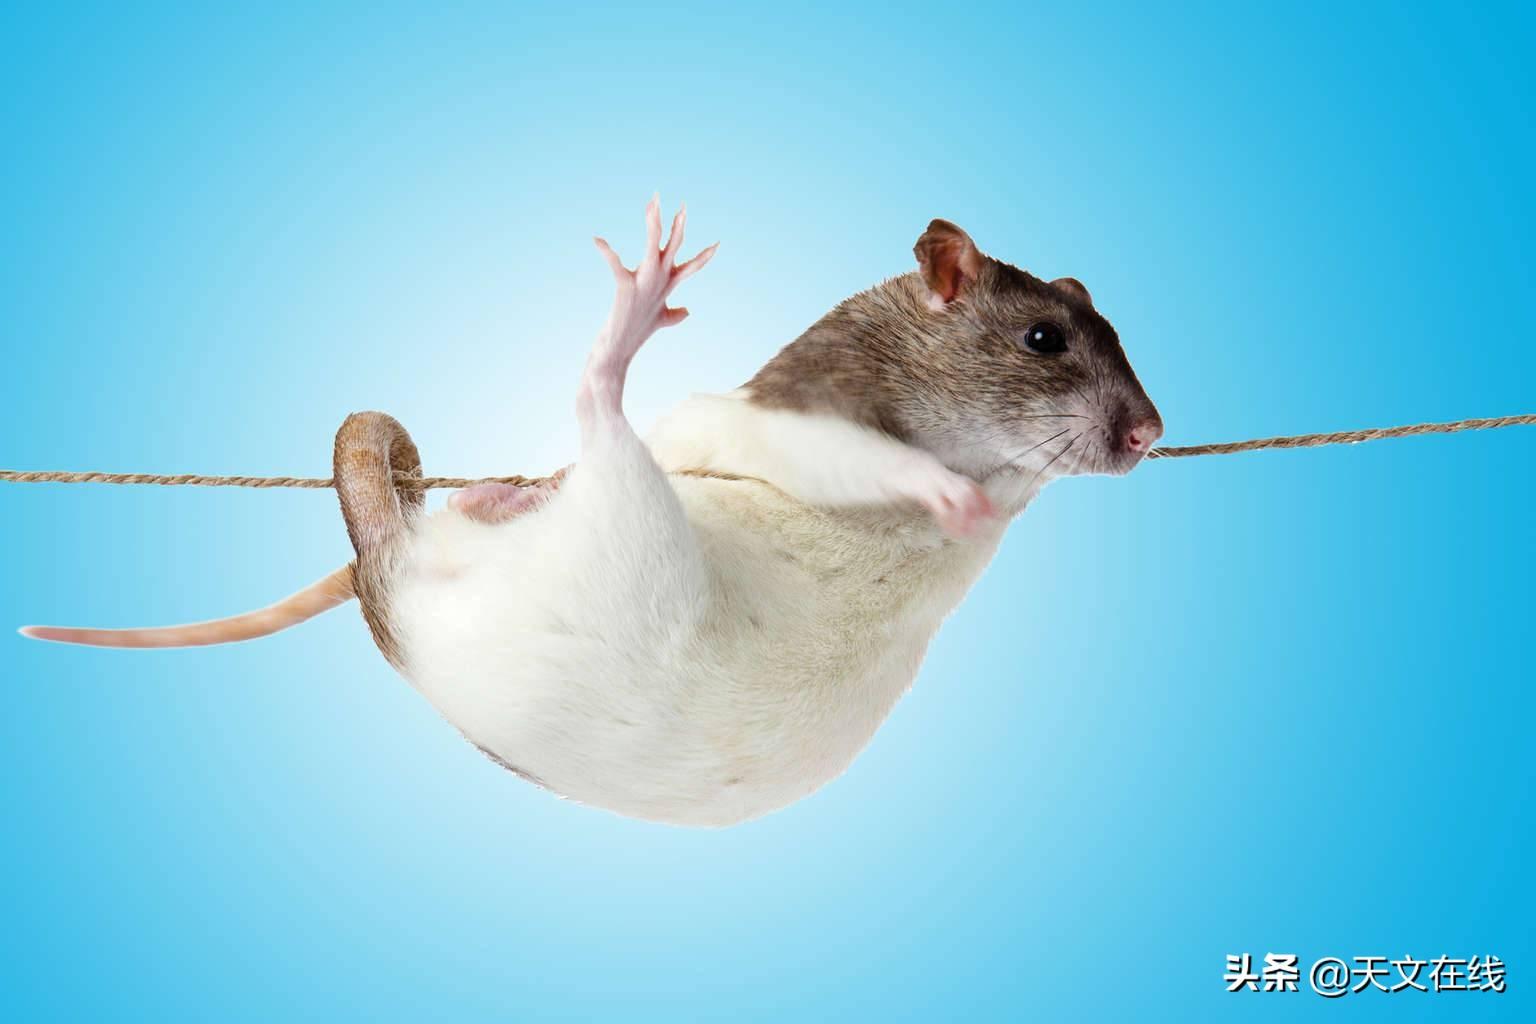 实验表明:当老鼠从太空回归后,它的免疫系统已发生改变